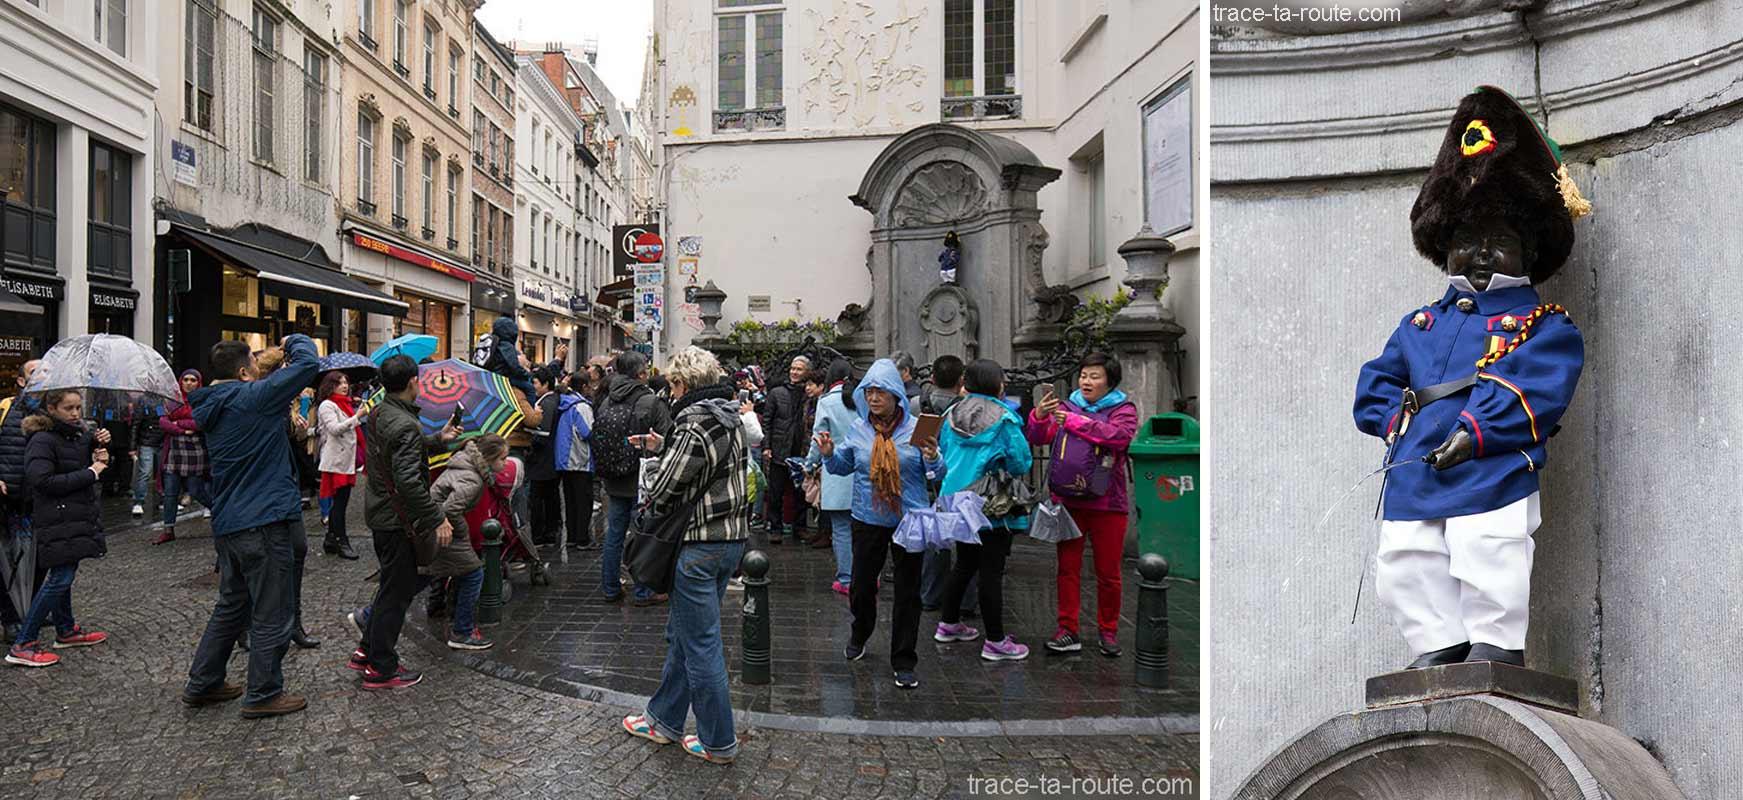 La statue Manneken Pis à Bruxelles, Belgique (déguisé avec costume) - Brussels, Belgium